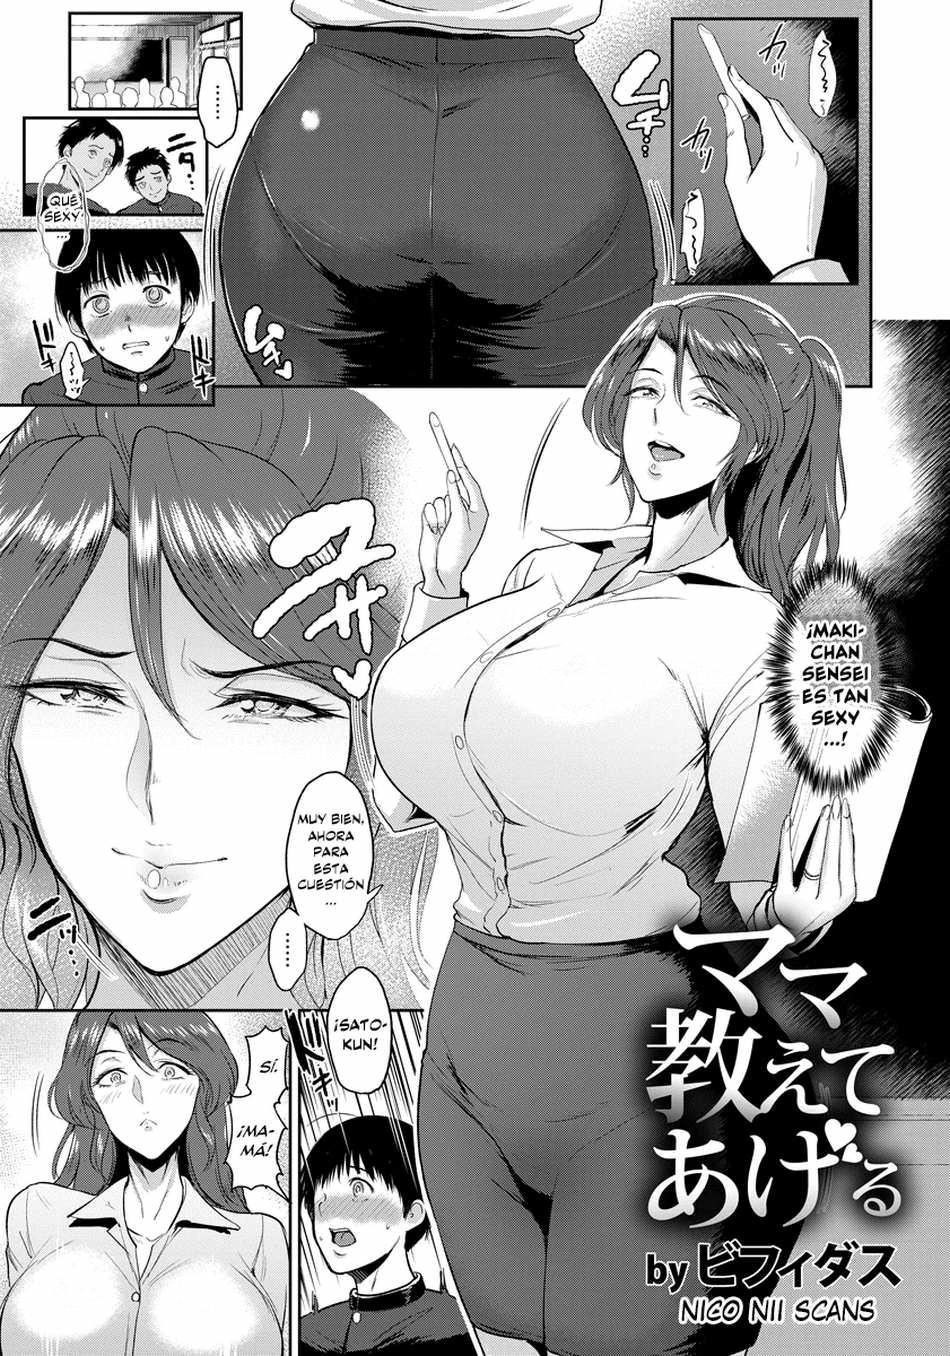 Mama Oshiete Ageru - Page #1